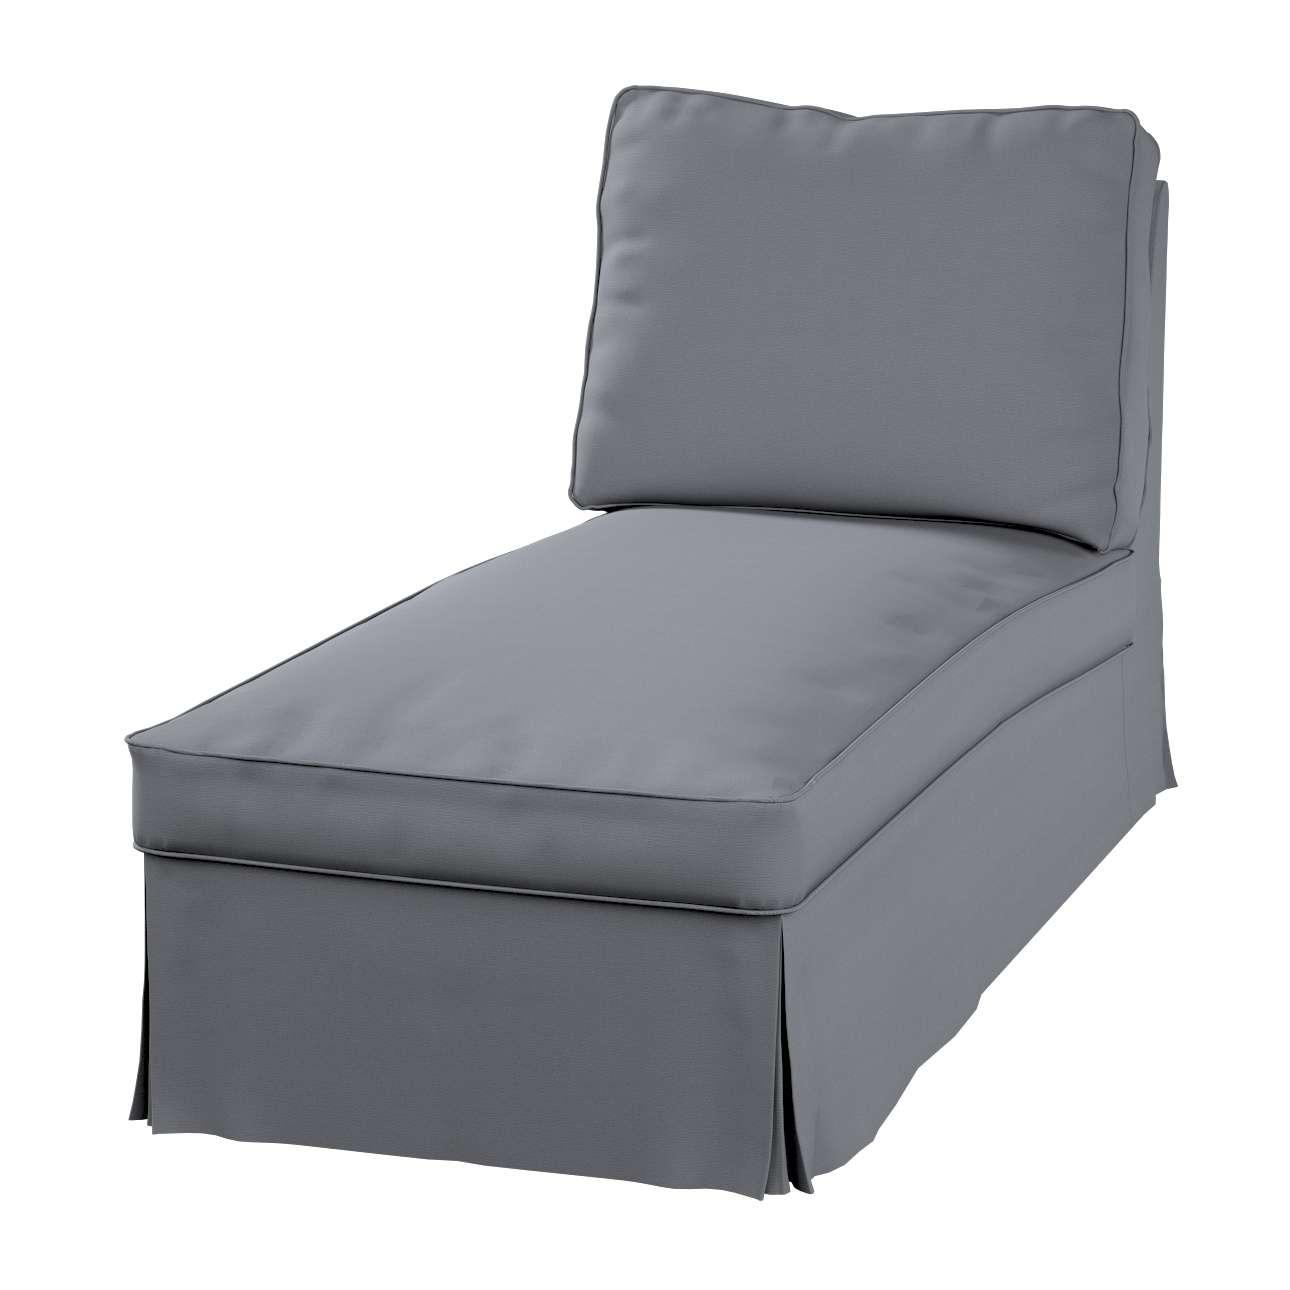 Ektorp gulimojo krėslo užvalkalas (be porankių, tiesus atlošas) Ektorp gulimasis krėslas be porankių, tiesiu atlošu, be suapavalinimų kolekcijoje Cotton Panama, audinys: 702-07